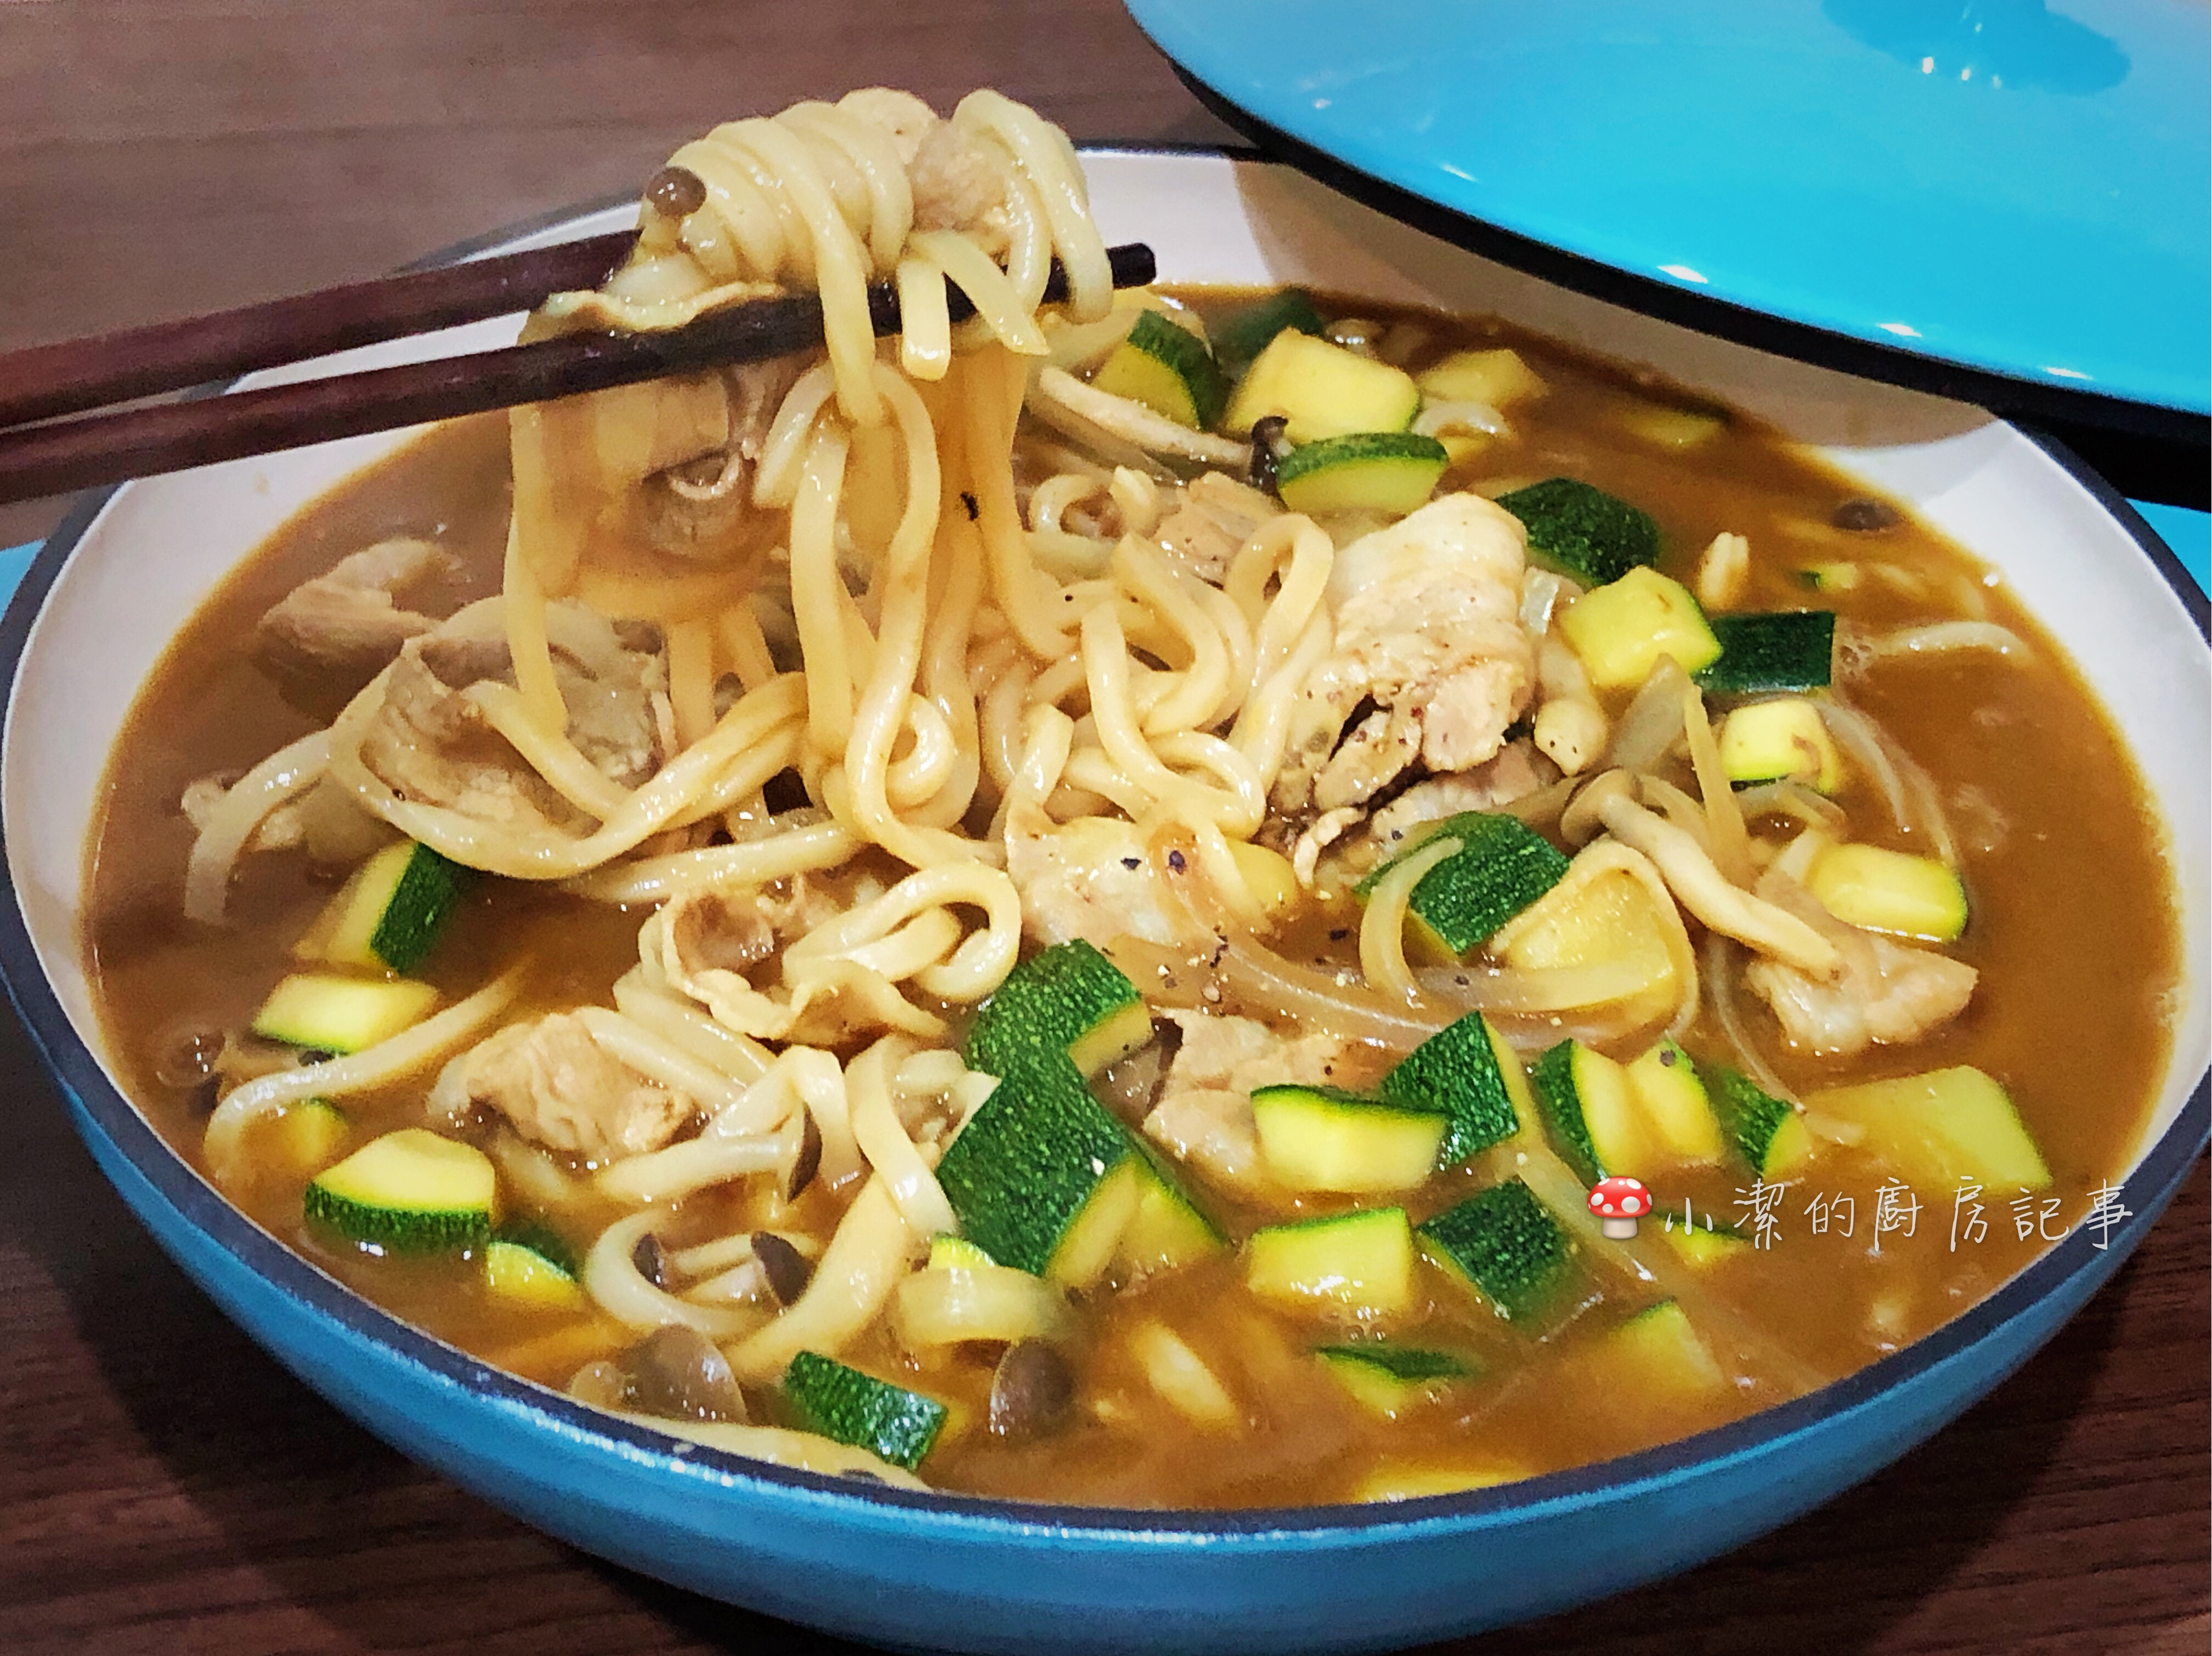 豬肉咖哩烏龍麵 - 好菇道營養料理